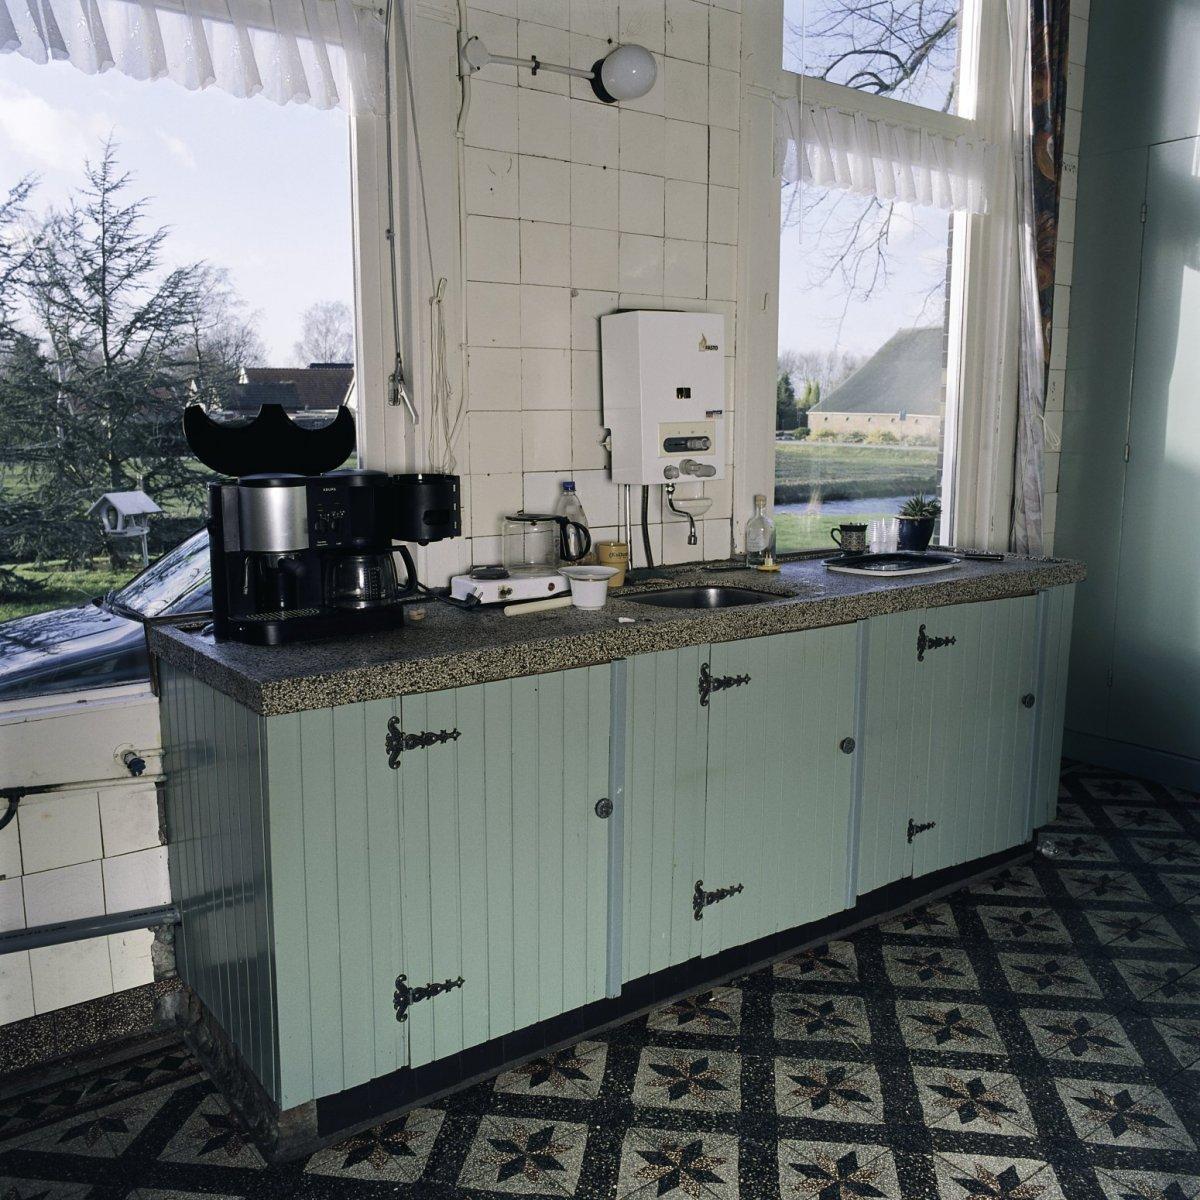 File:Interieur, overzicht van het aanrechtblok in de keuken met ...